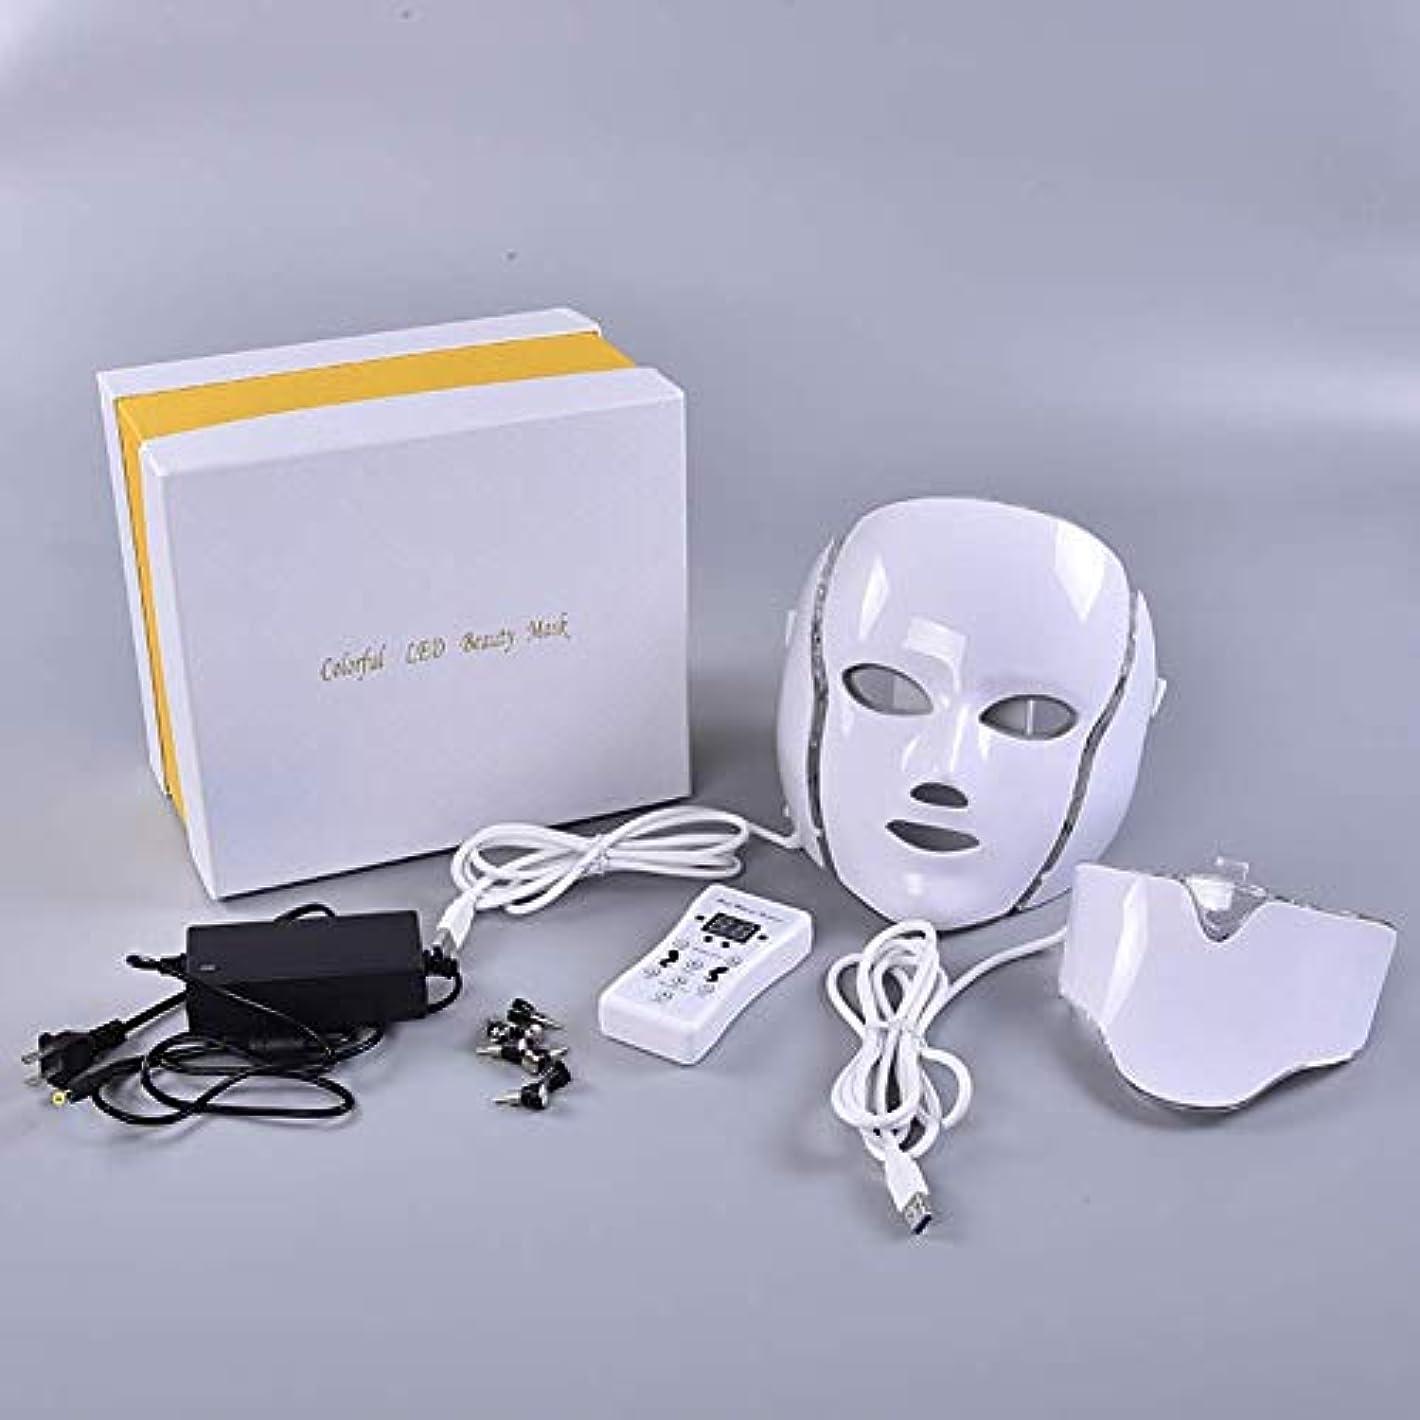 ビュッフェ悪党ストライプLed肌光線療法器具、7色ledライト光子ネオン白熱フェイシャルライト肌の若返りledフェイスマスクケア治療美容